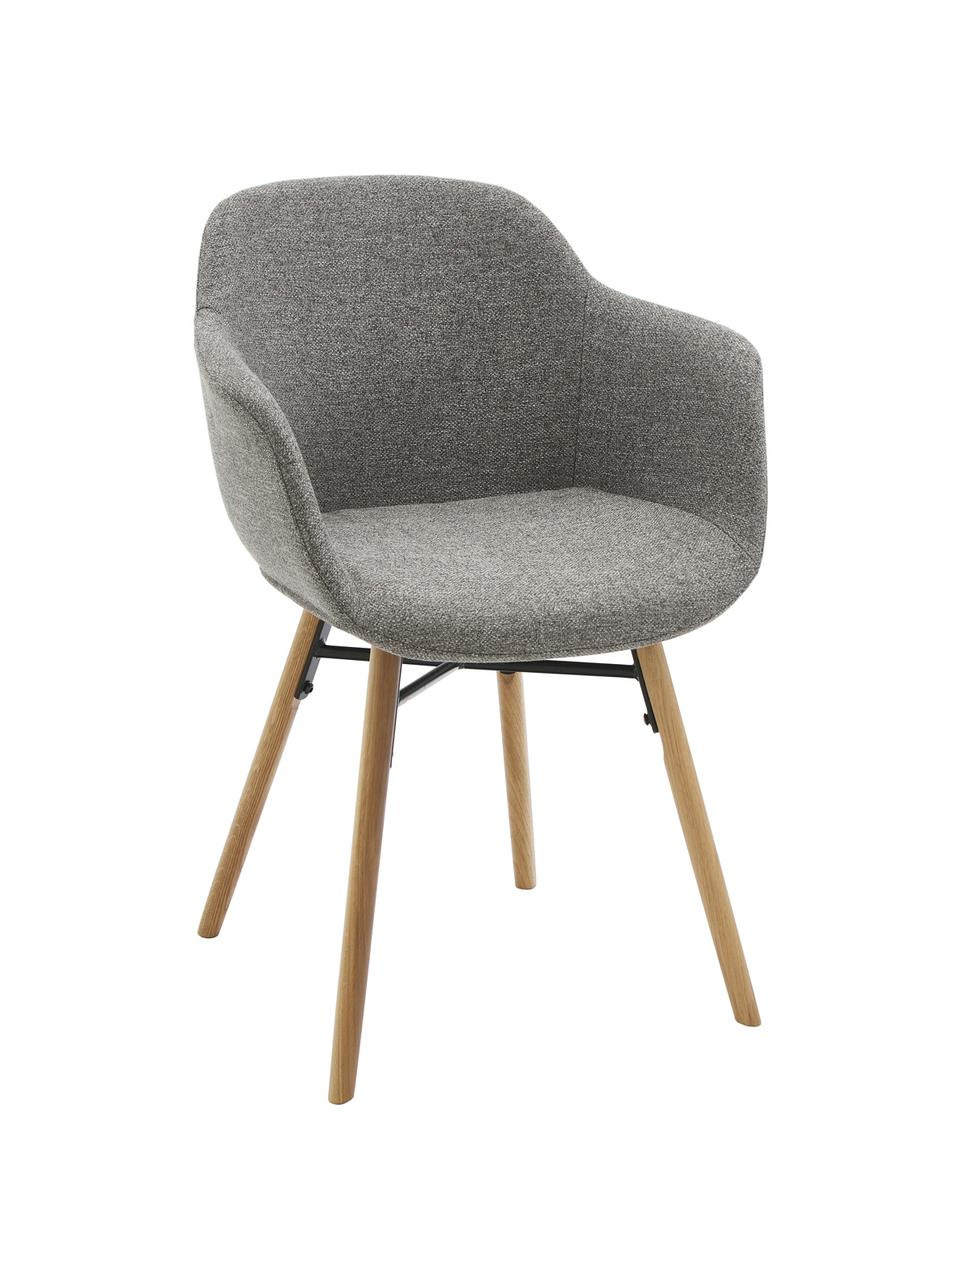 Chaise scandinave Fiji, Tissu gris foncé, bois de chêne